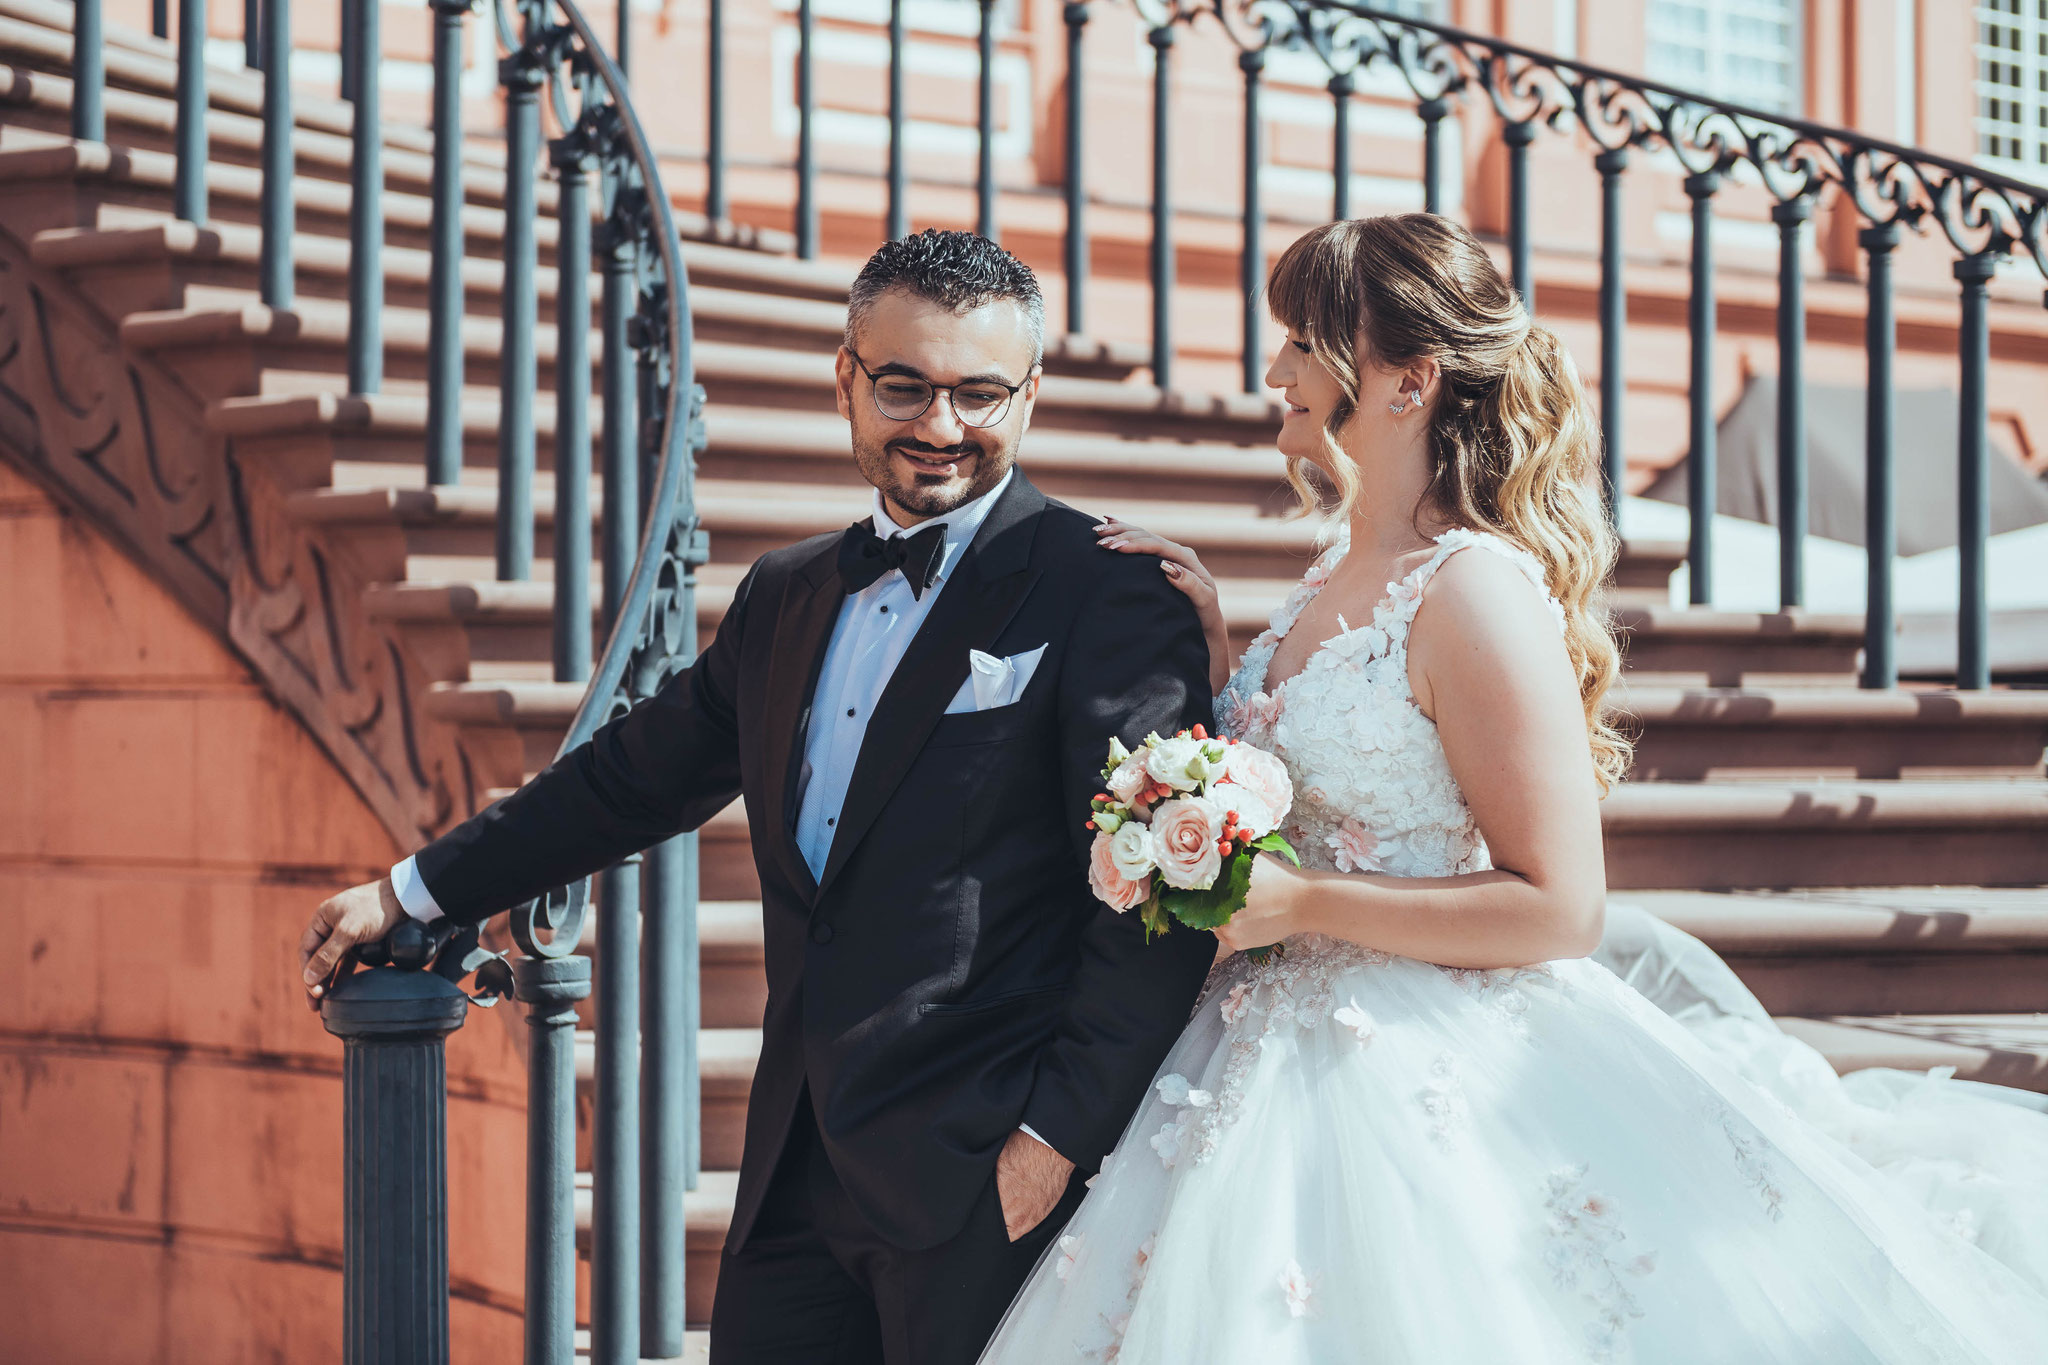 Ihr Fotograf für Afterwedding Fotoshooting in Wiesbaden Schloss Biebrich